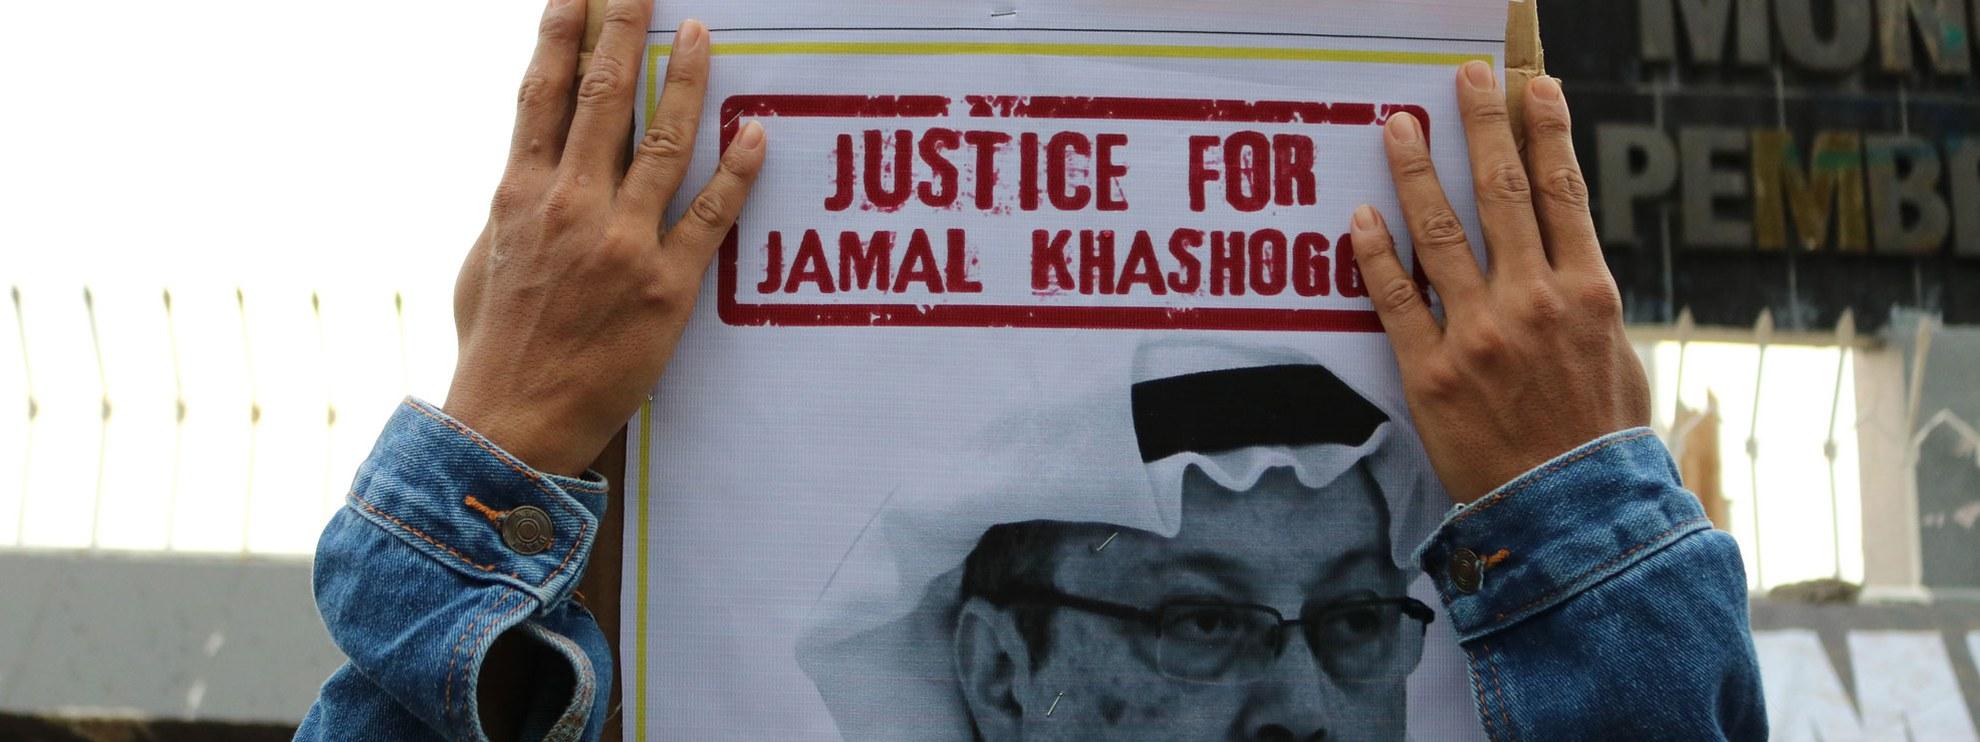 Partout dans le monde, des protestations contre le meurtre du journaliste saoudien Jamal Khashoggi ont eu lieu, comme ici à Makassar, en Indonésie. © Herwin Bahar / shutterstock.com